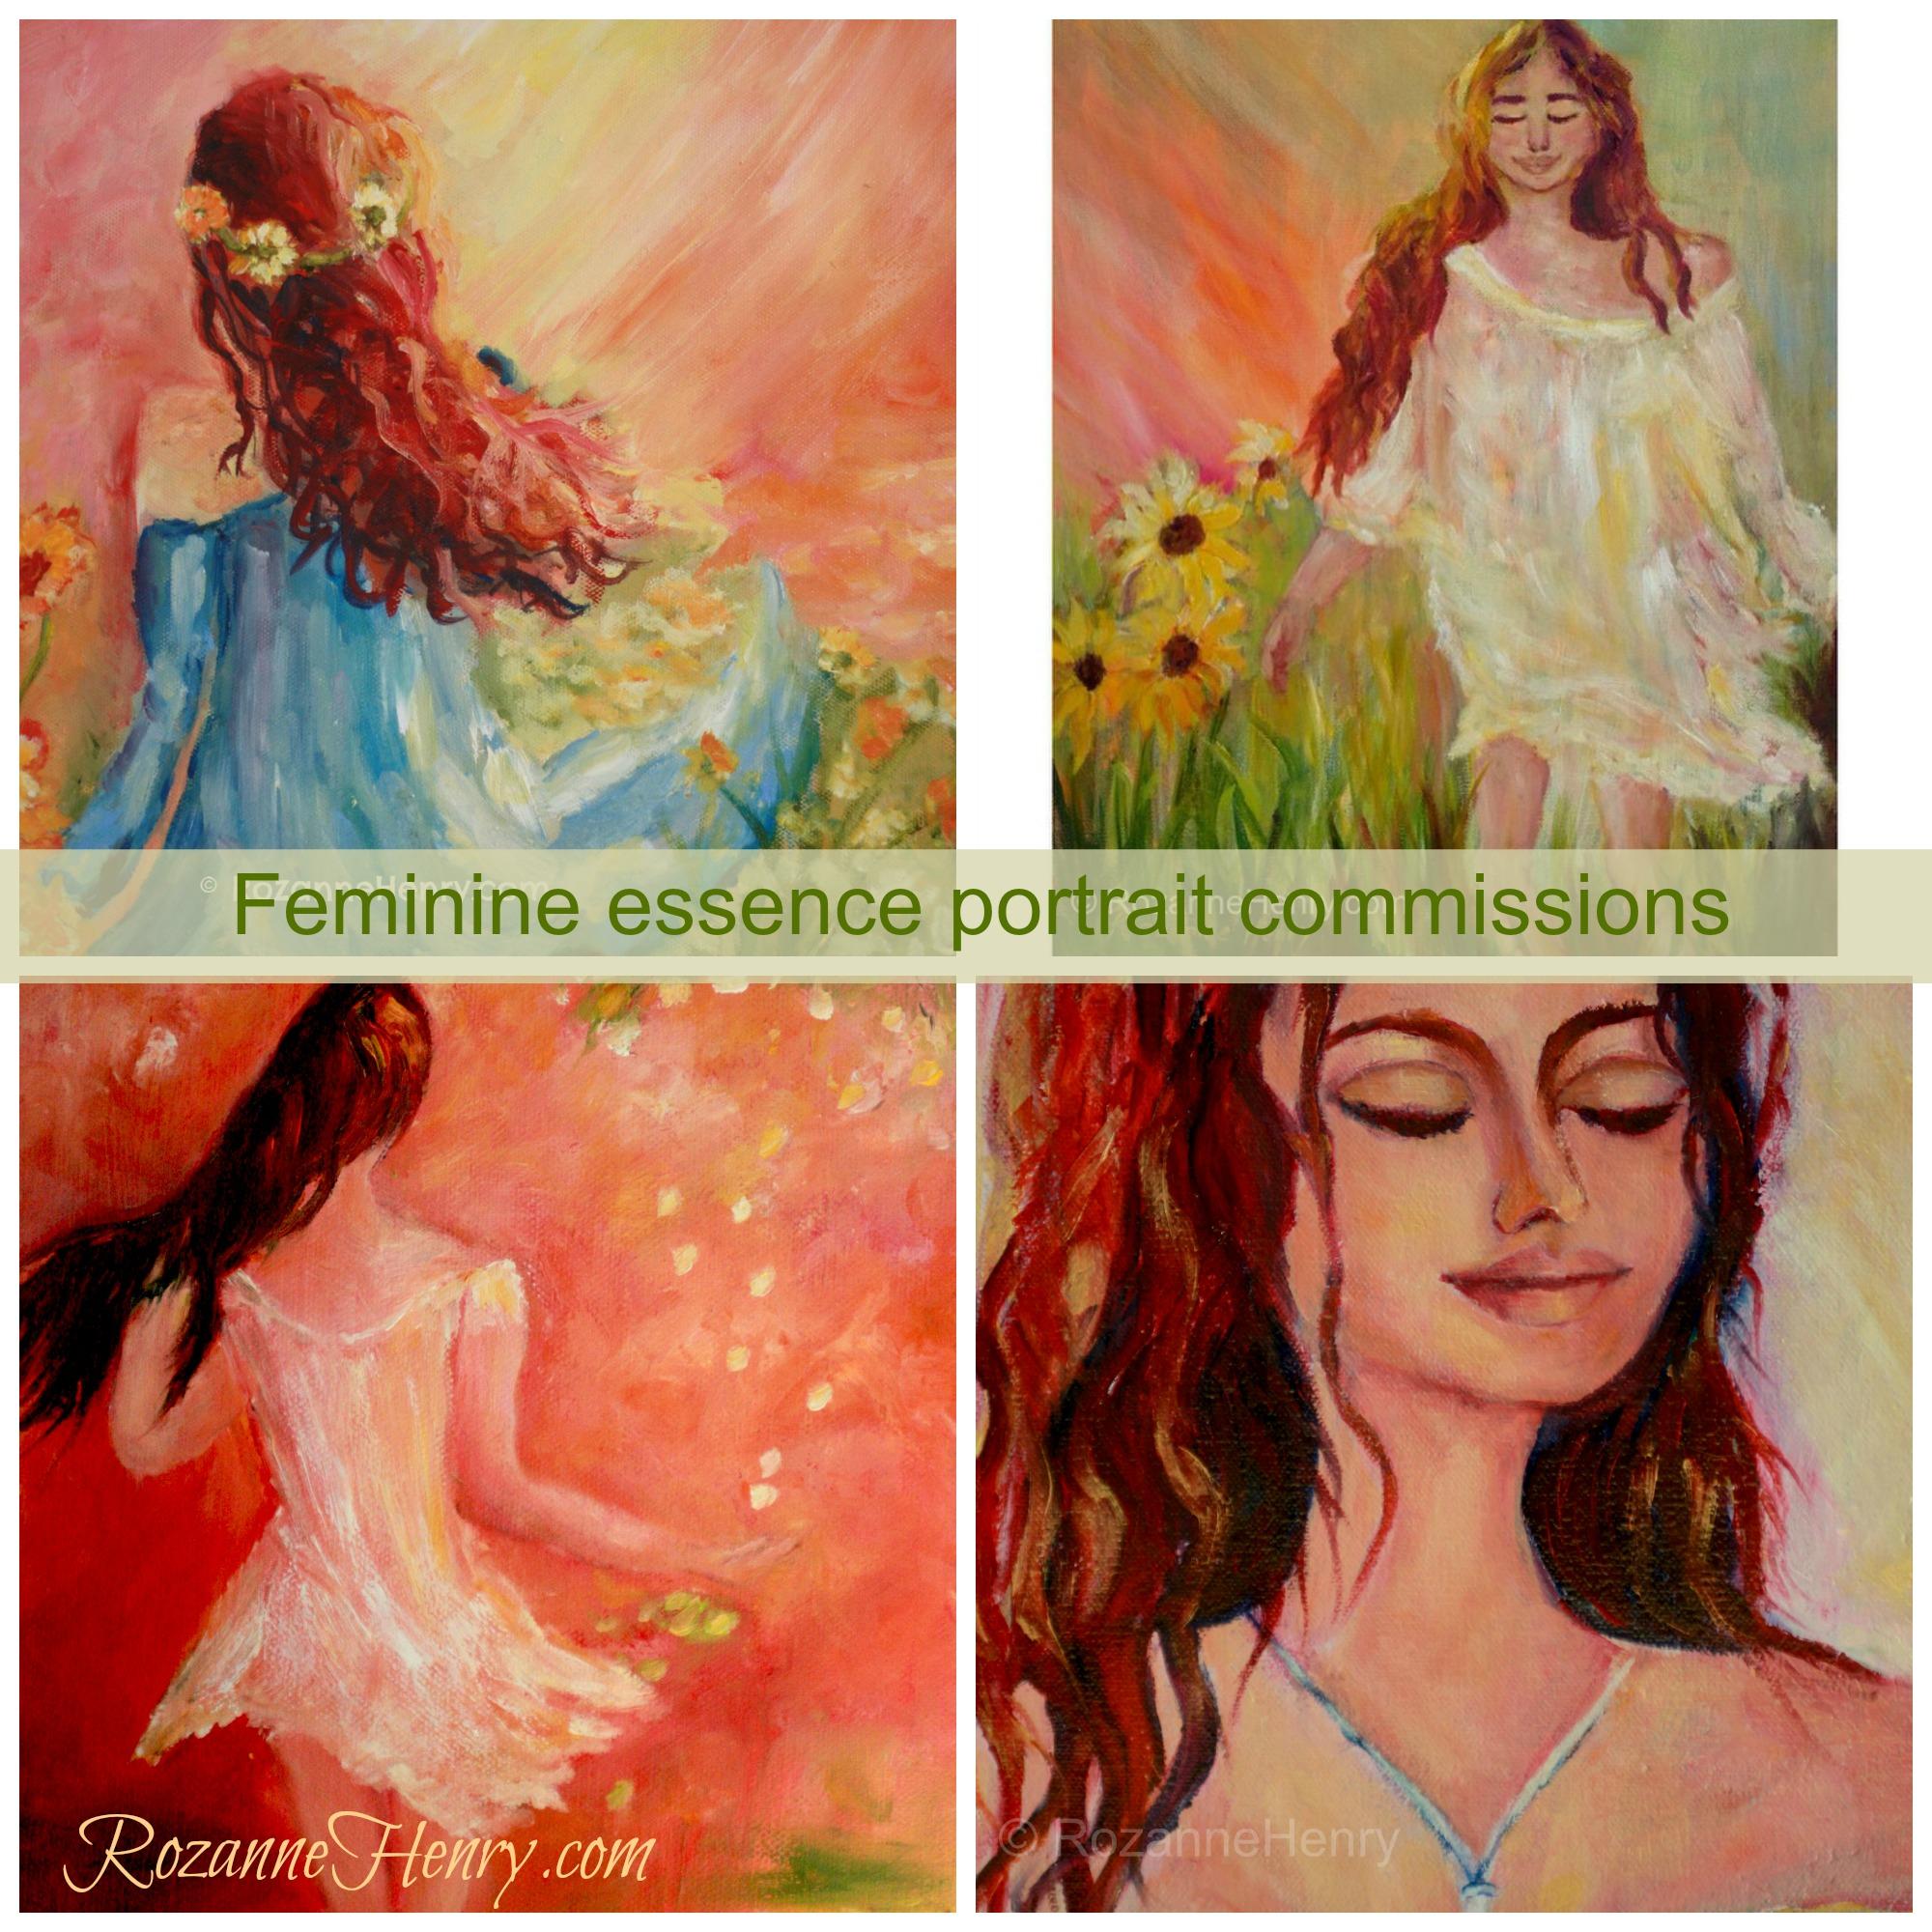 feminine-essence-portrait-commissionspicmonkey-image